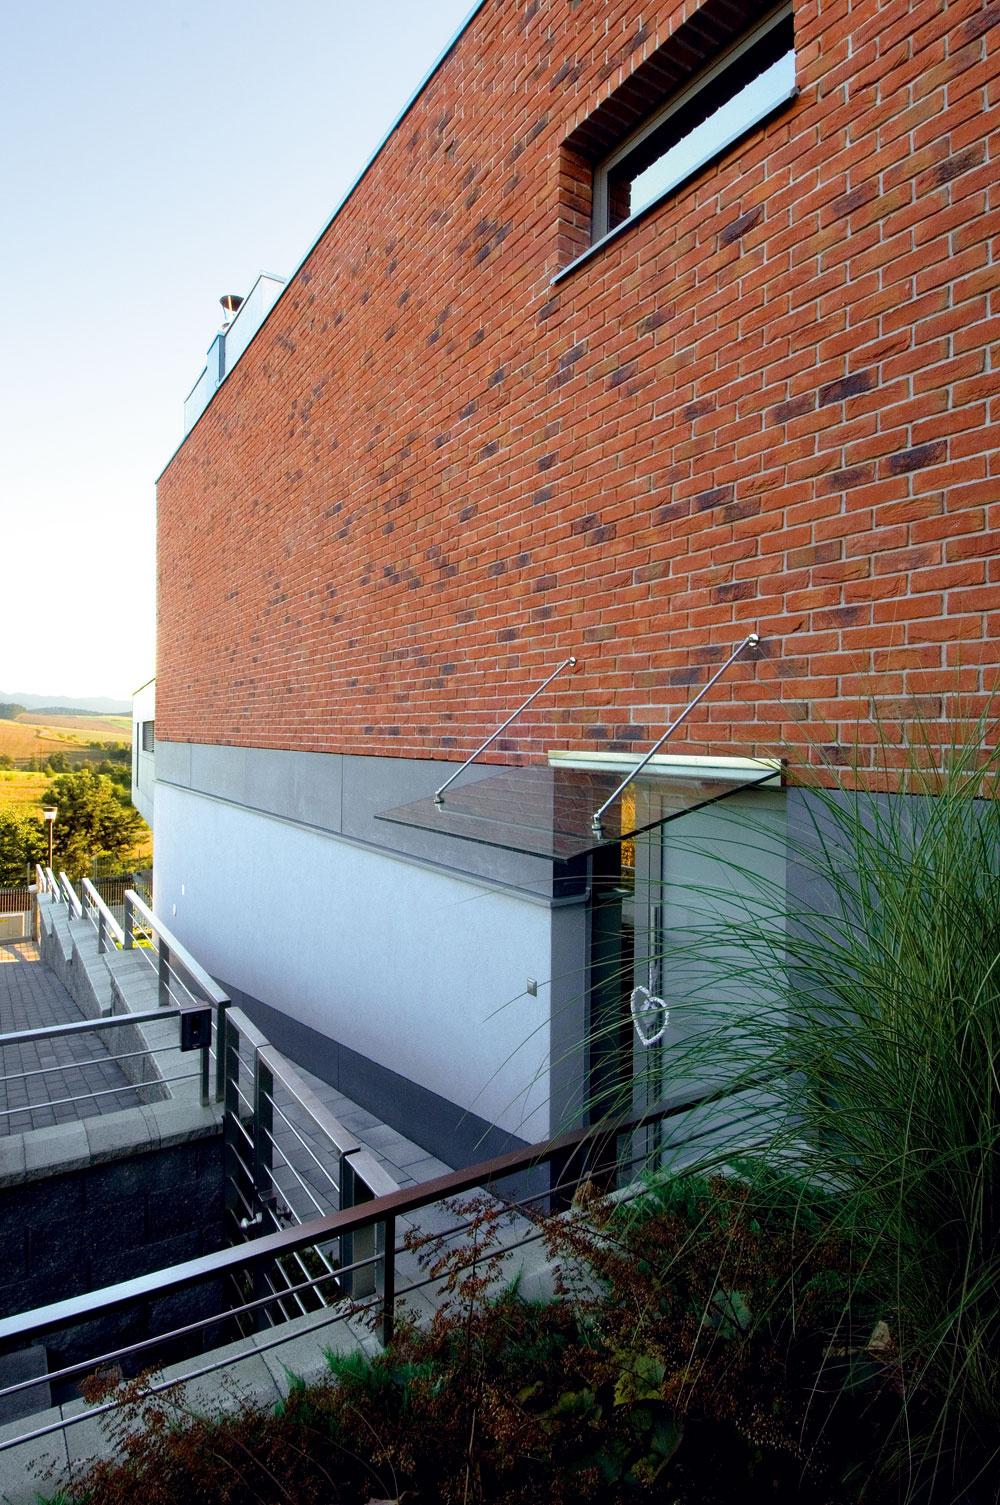 Použitie exteriérových stavebných materiálov je založené na vzájomnom farebnom apovrchovom kontraste. Pôsobivá je najmä kombinácia keramického obkladu so vzhľadom surovej tehly aantracitových obkladových fasádnych dosiek somietanou časťou prízemia. Moderná avýrazovo čistá architektúra domu sa pritom prispôsobila svahovitosti pozemku apolohe prístupovej cesty.